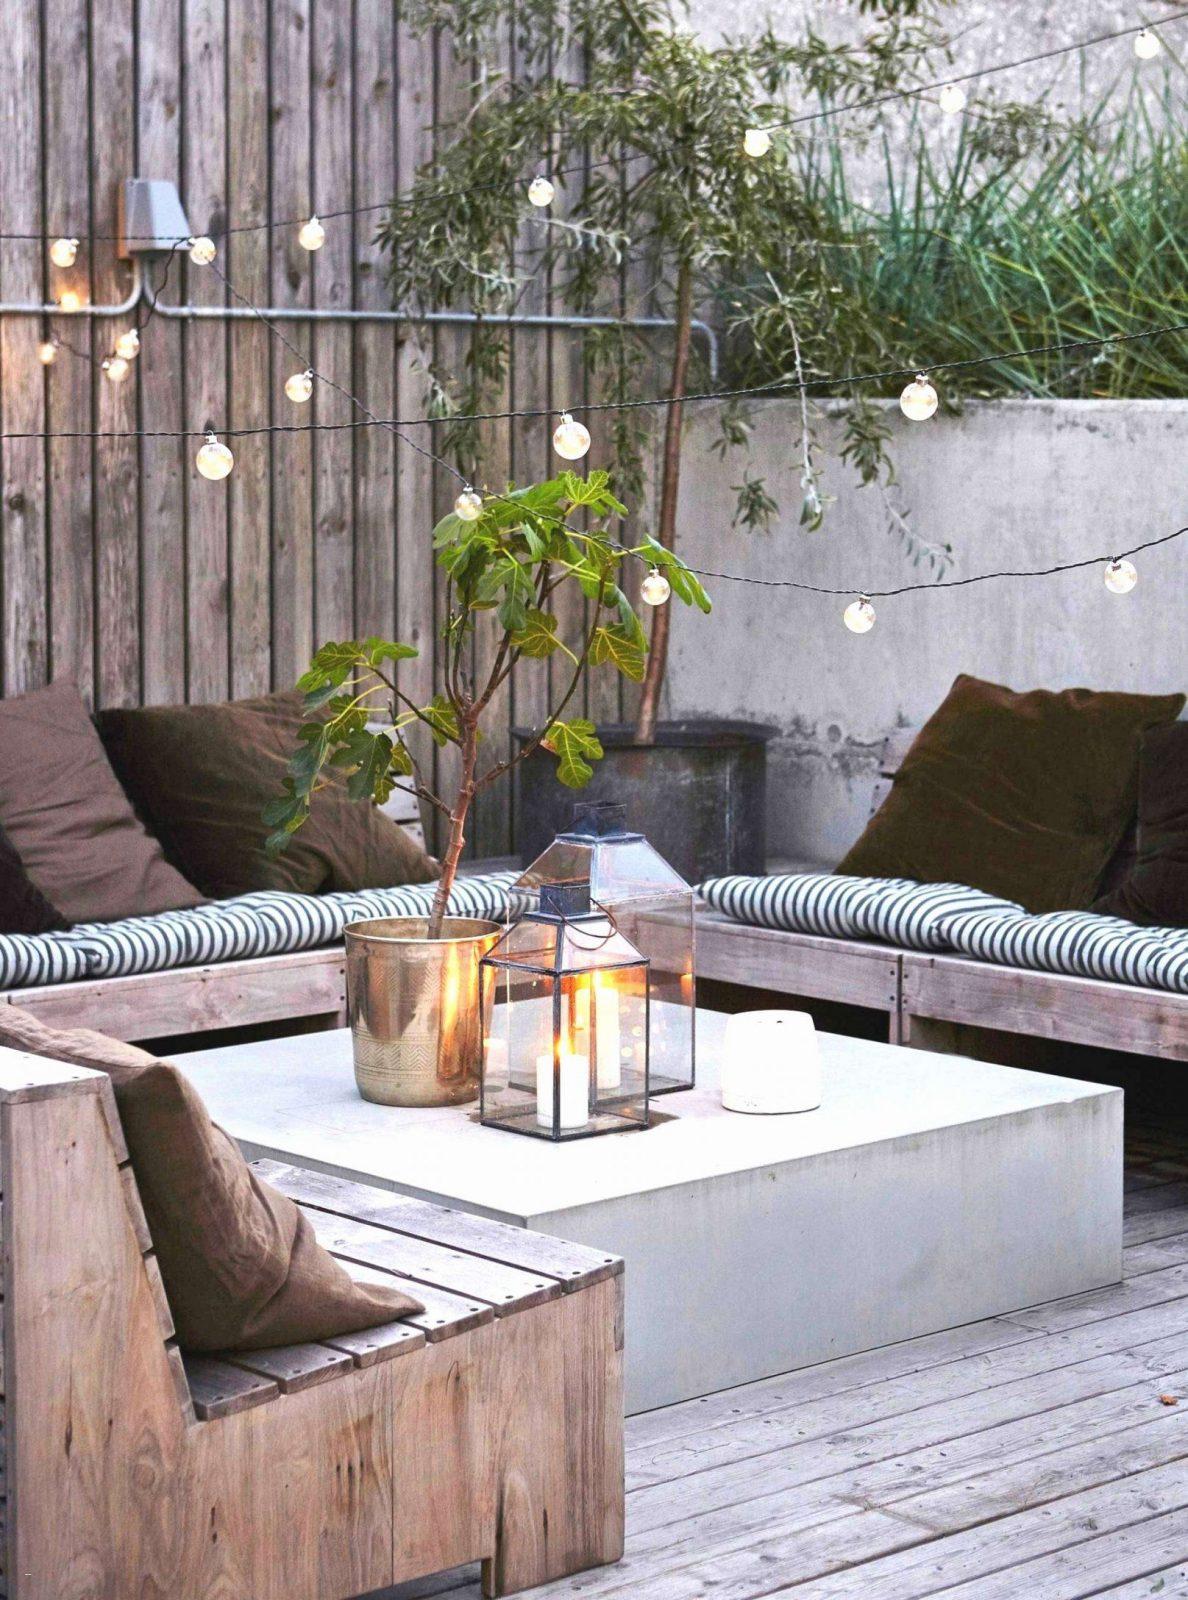 offene feuerstelle im garten erlaubt haus design ideen. Black Bedroom Furniture Sets. Home Design Ideas